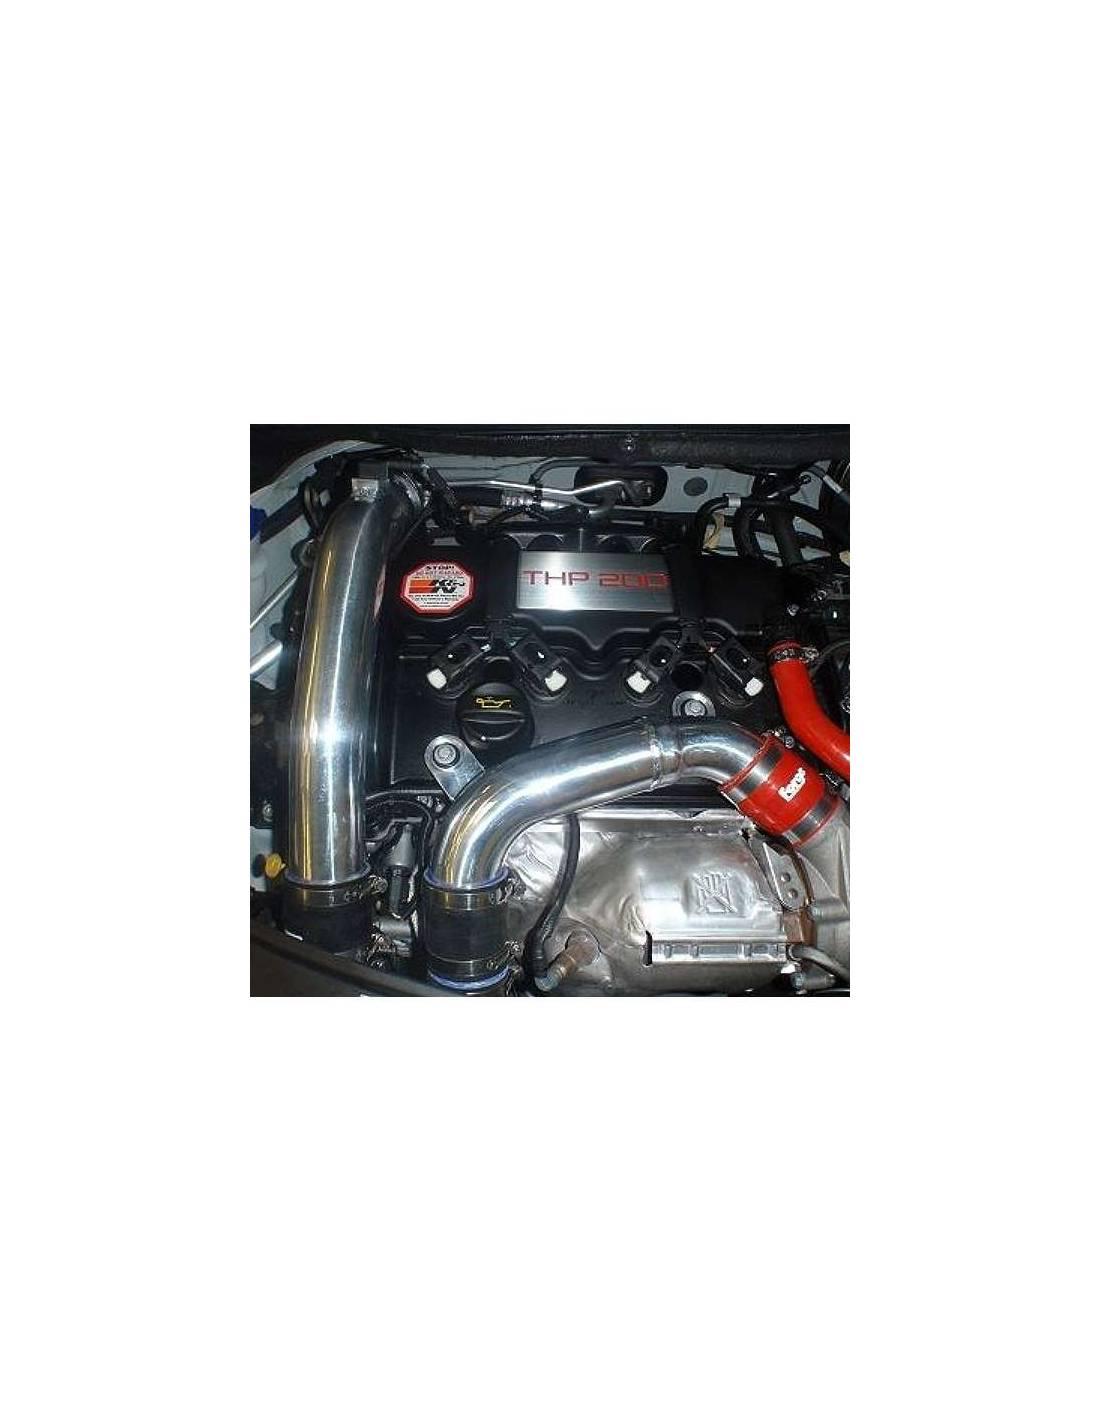 kit tubulures de turbo alu forge motorsport pour peugeot 208 gti. Black Bedroom Furniture Sets. Home Design Ideas